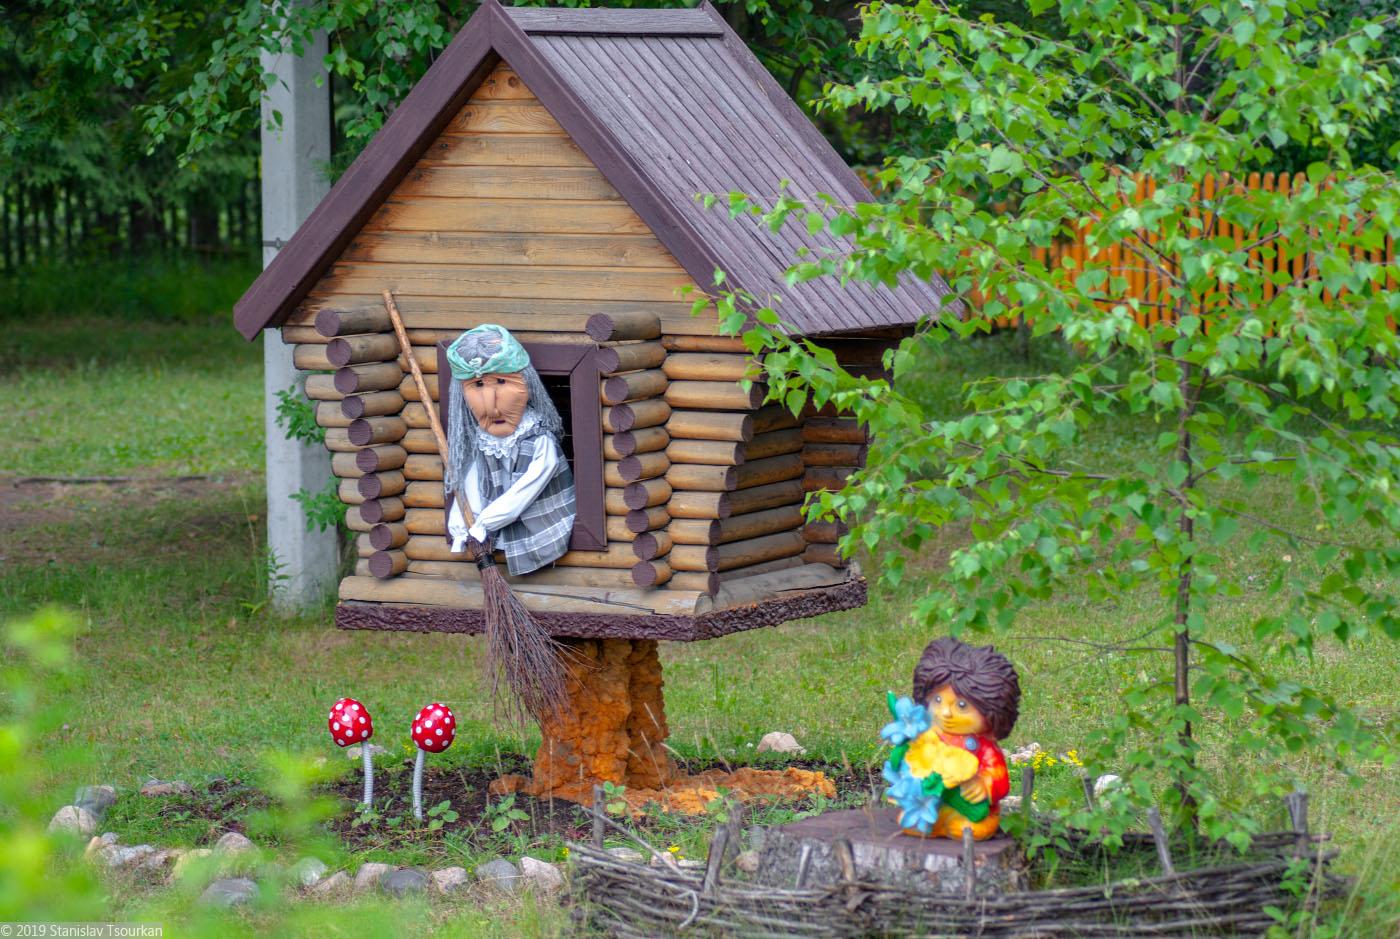 Вологодская область, Вологодчина, Великий устюг, Русский север, Великоустюгский детский противотуберкулёзный санаторий, баба Яга, домовёнок Кузя